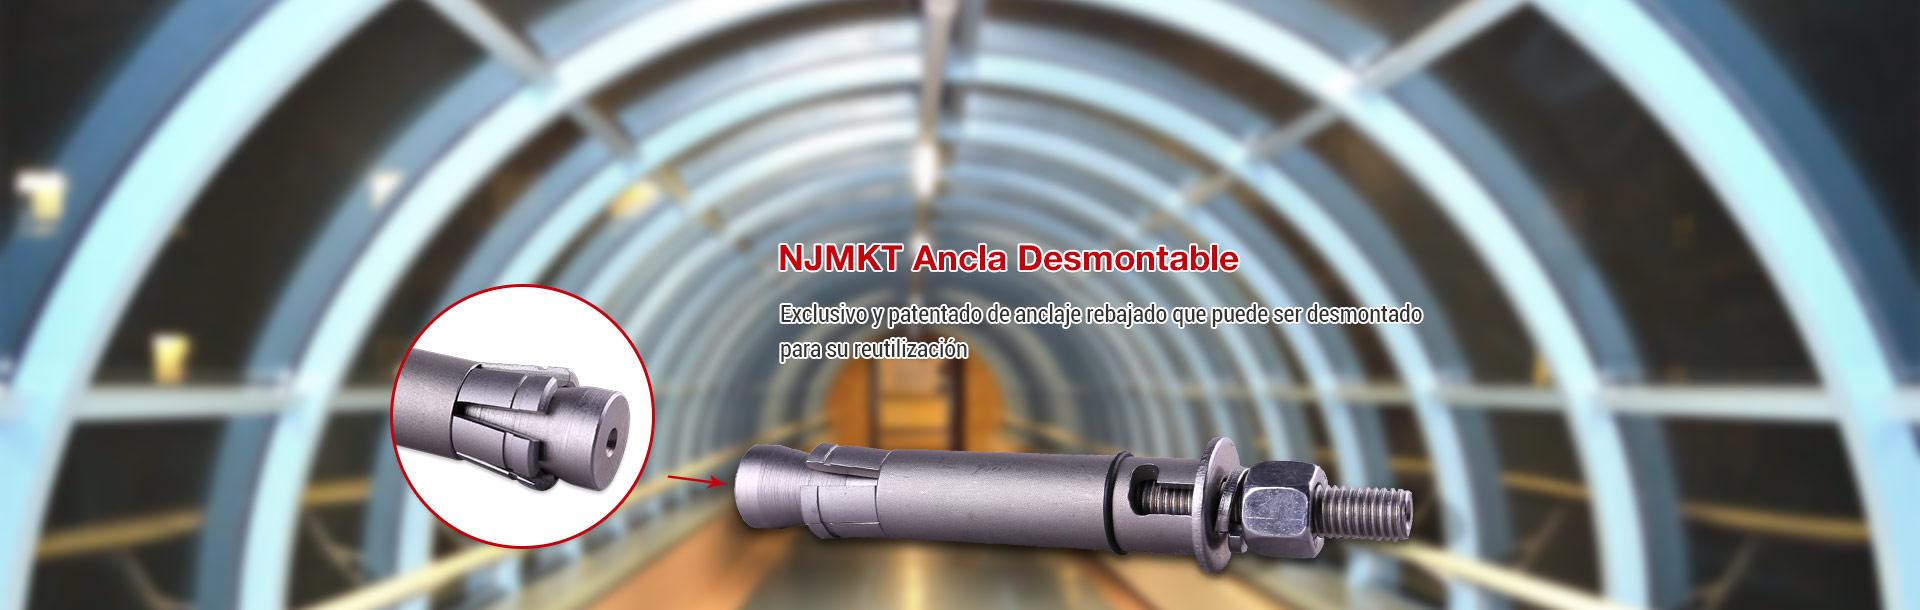 NJMKT Anclaje Desmontable